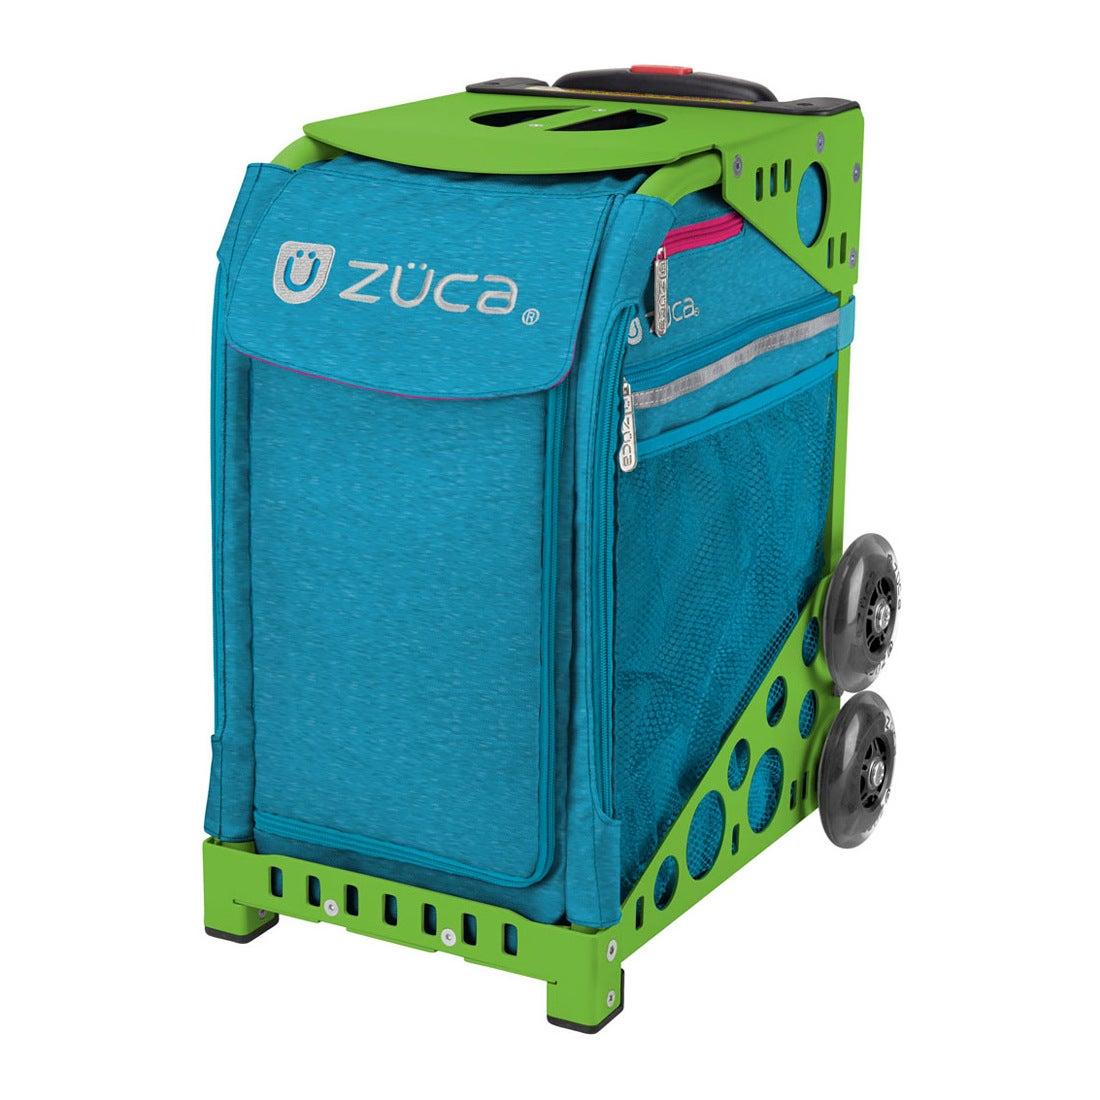 ロコンド 靴とファッションの通販サイト【SAC'SBAR】ZUCASportキャリーケースBeachyBlue403Green